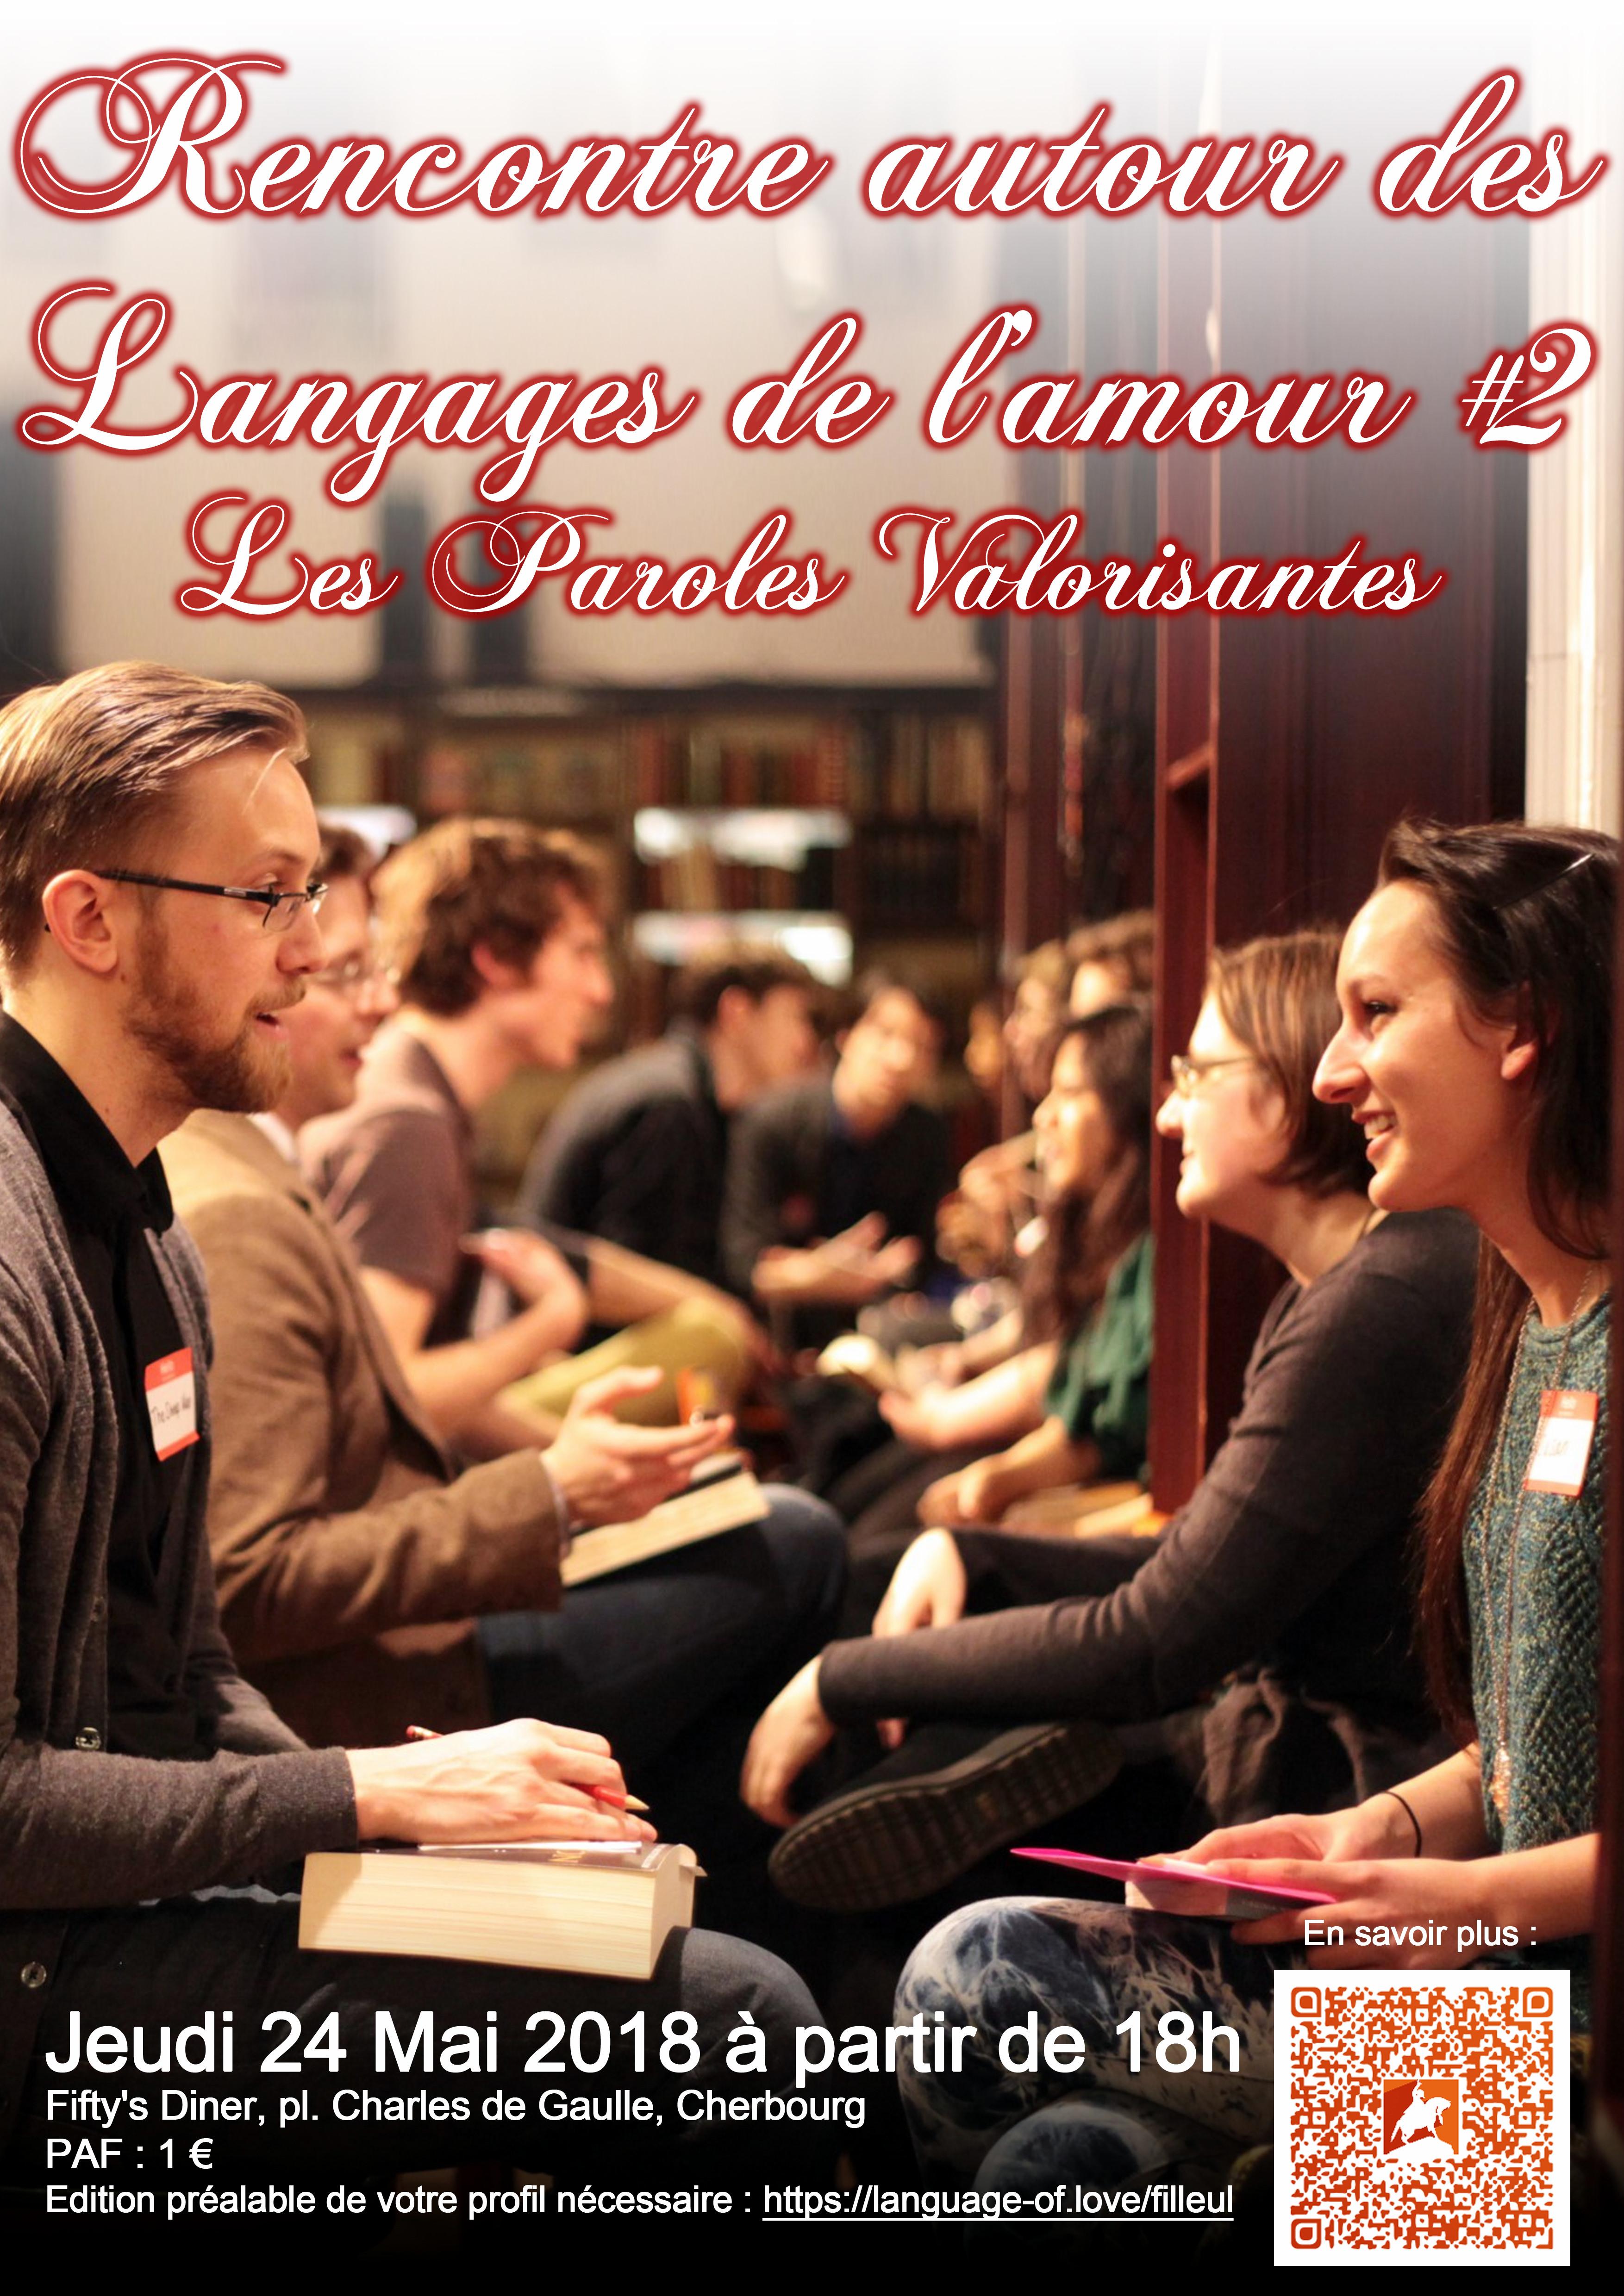 Rencontre autour des langages de l'amour : les paroles valorisantes